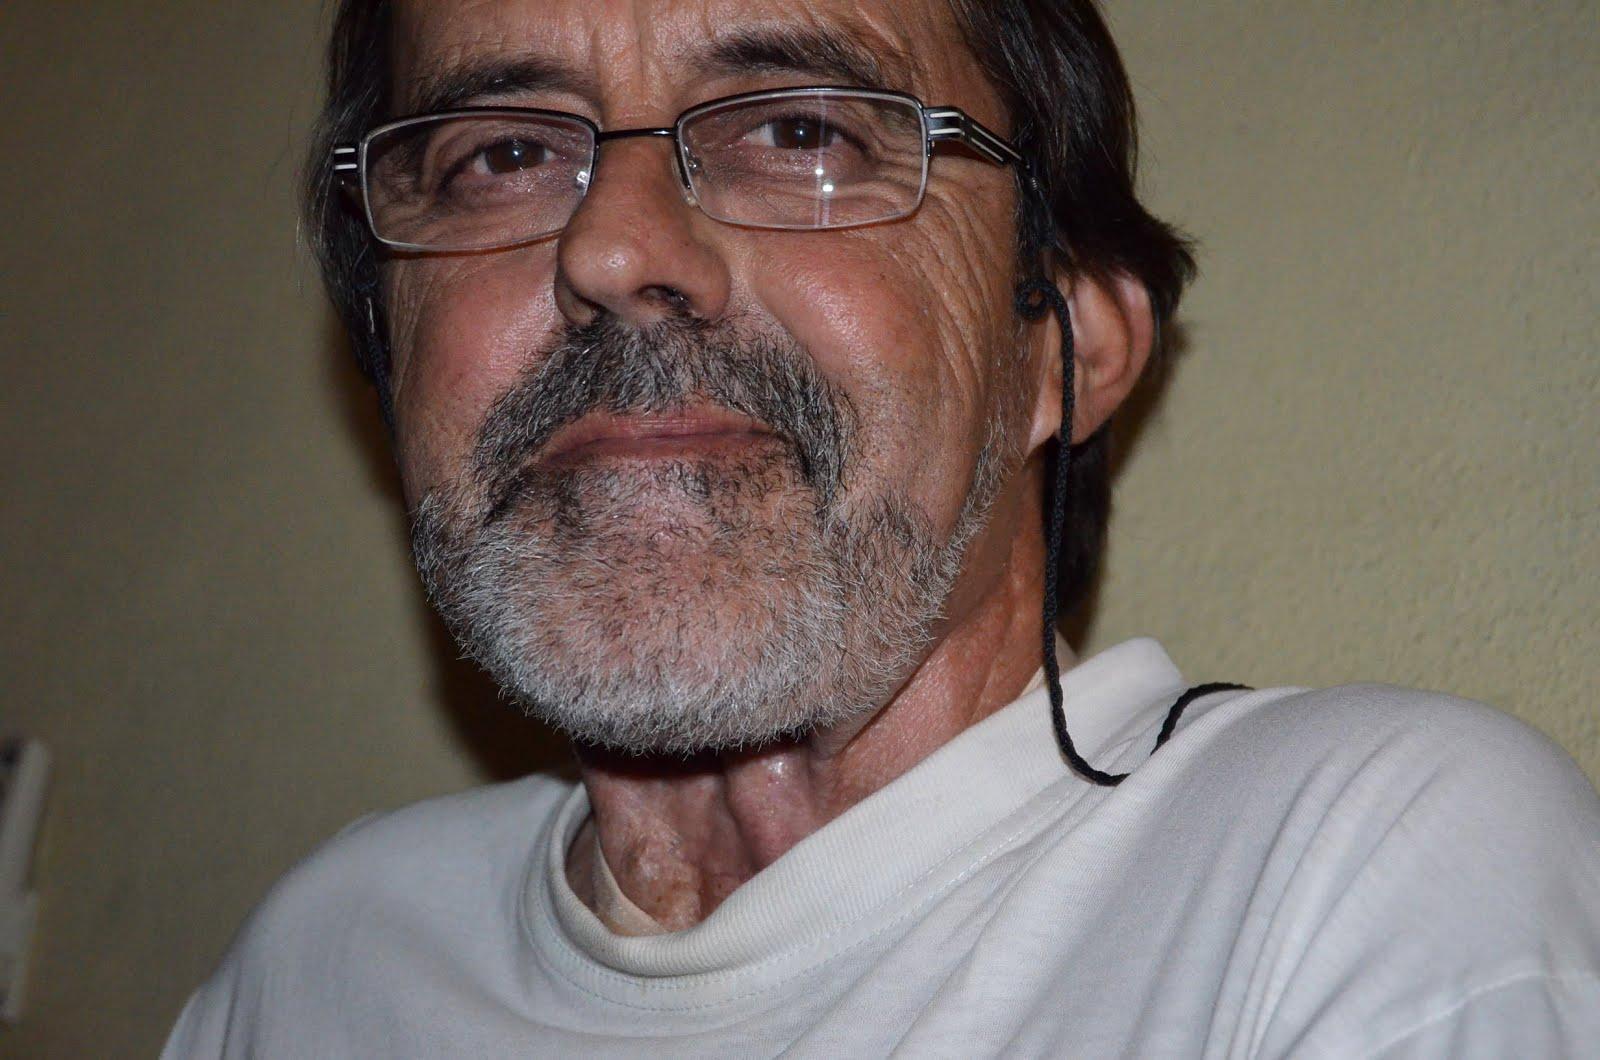 João Carlos Simões - O Meu Pai // My Father: